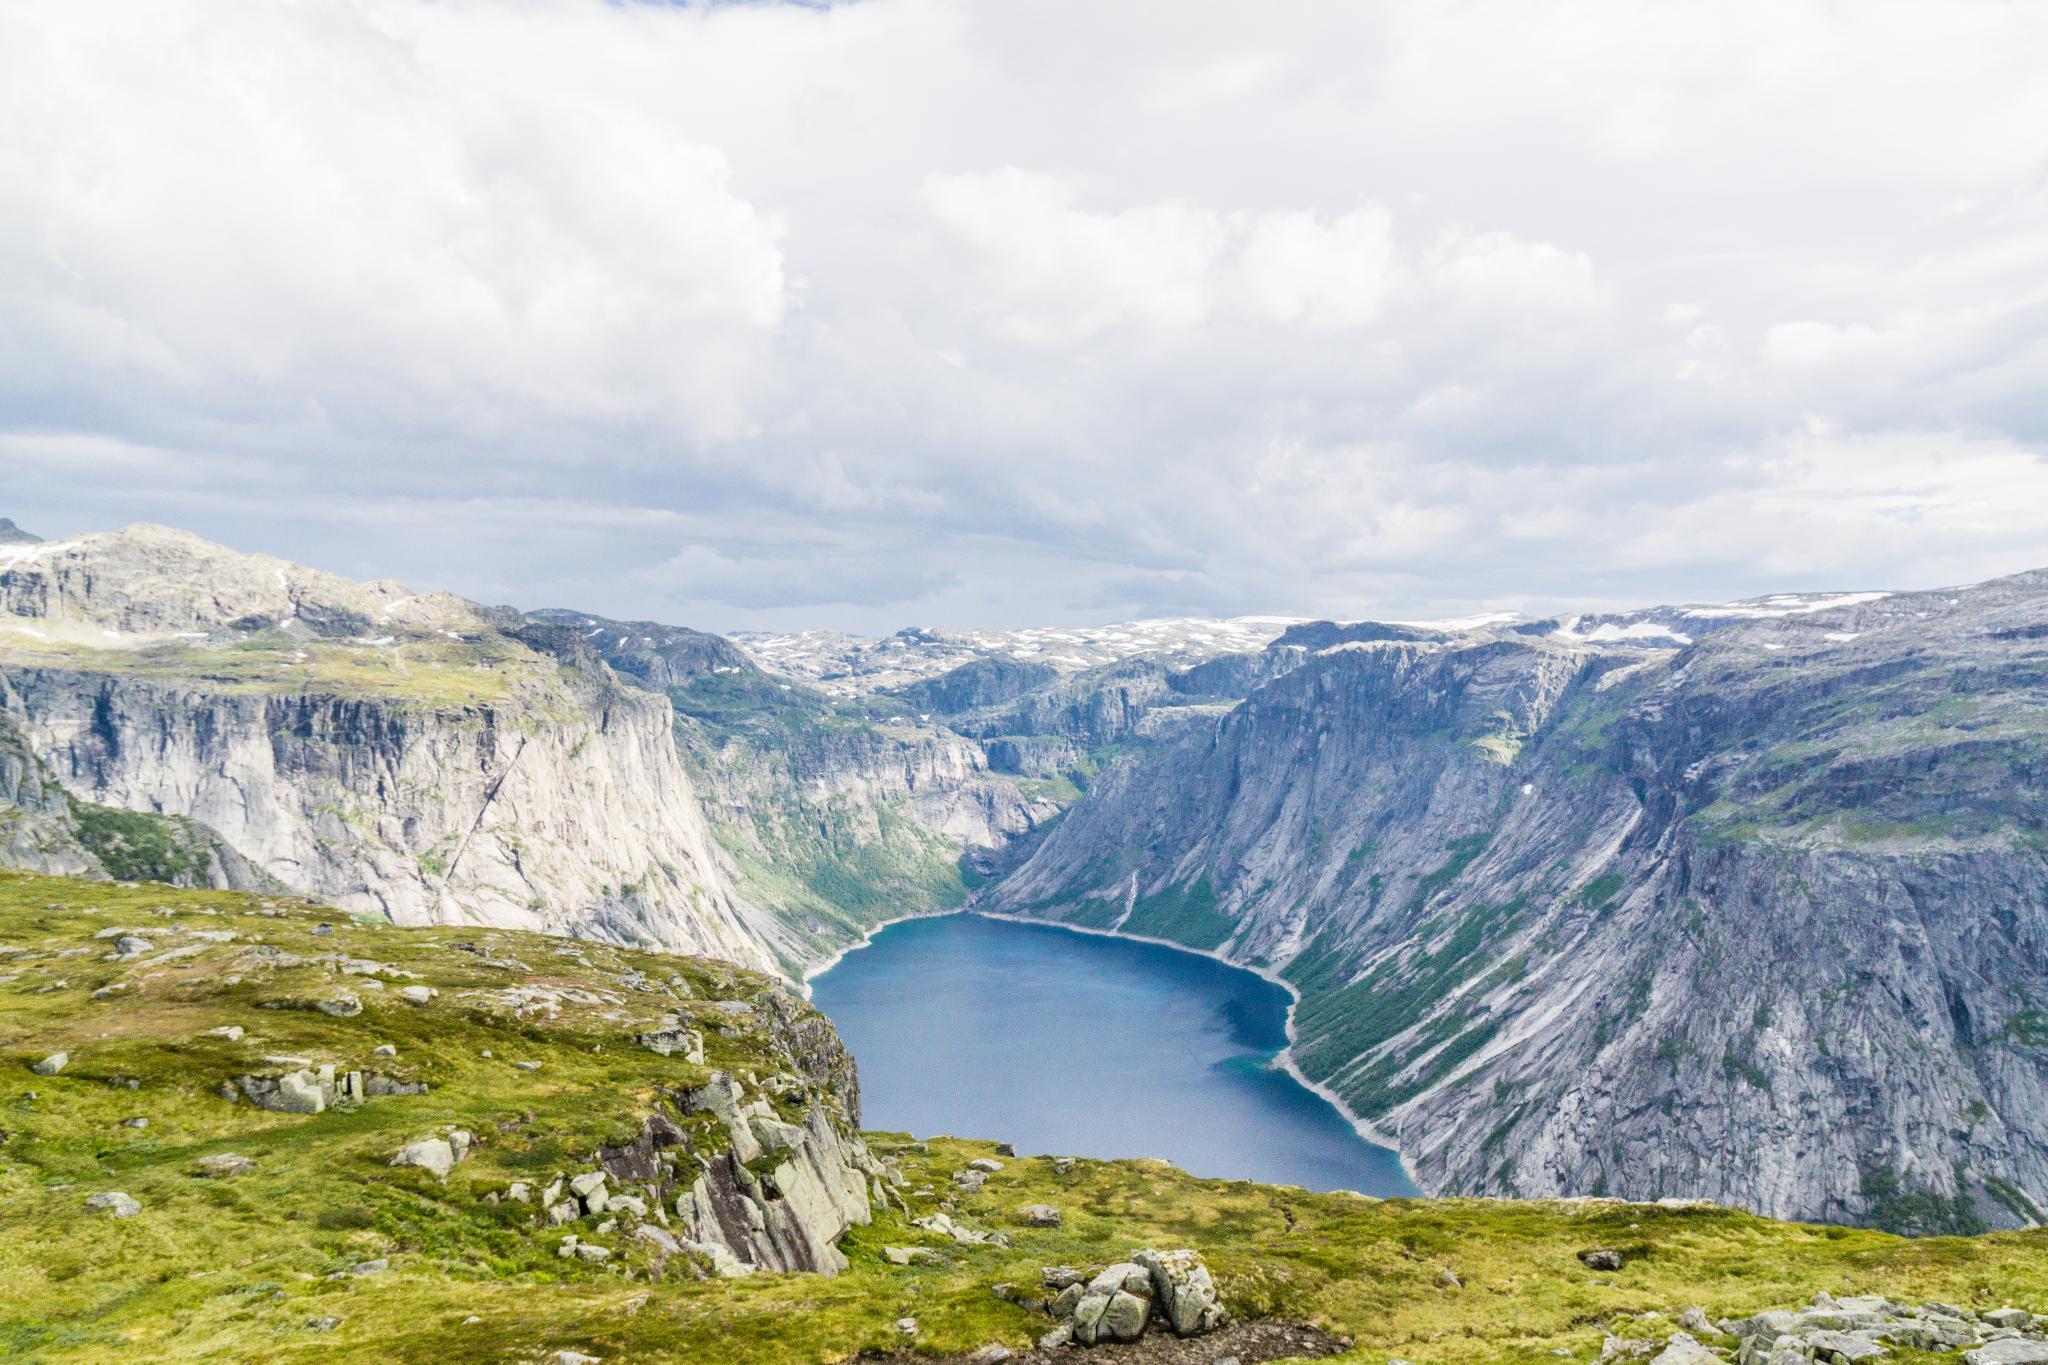 【北歐景點】挪威惡魔之舌 Trolltunga — 28公里健行挑戰全攻略 211